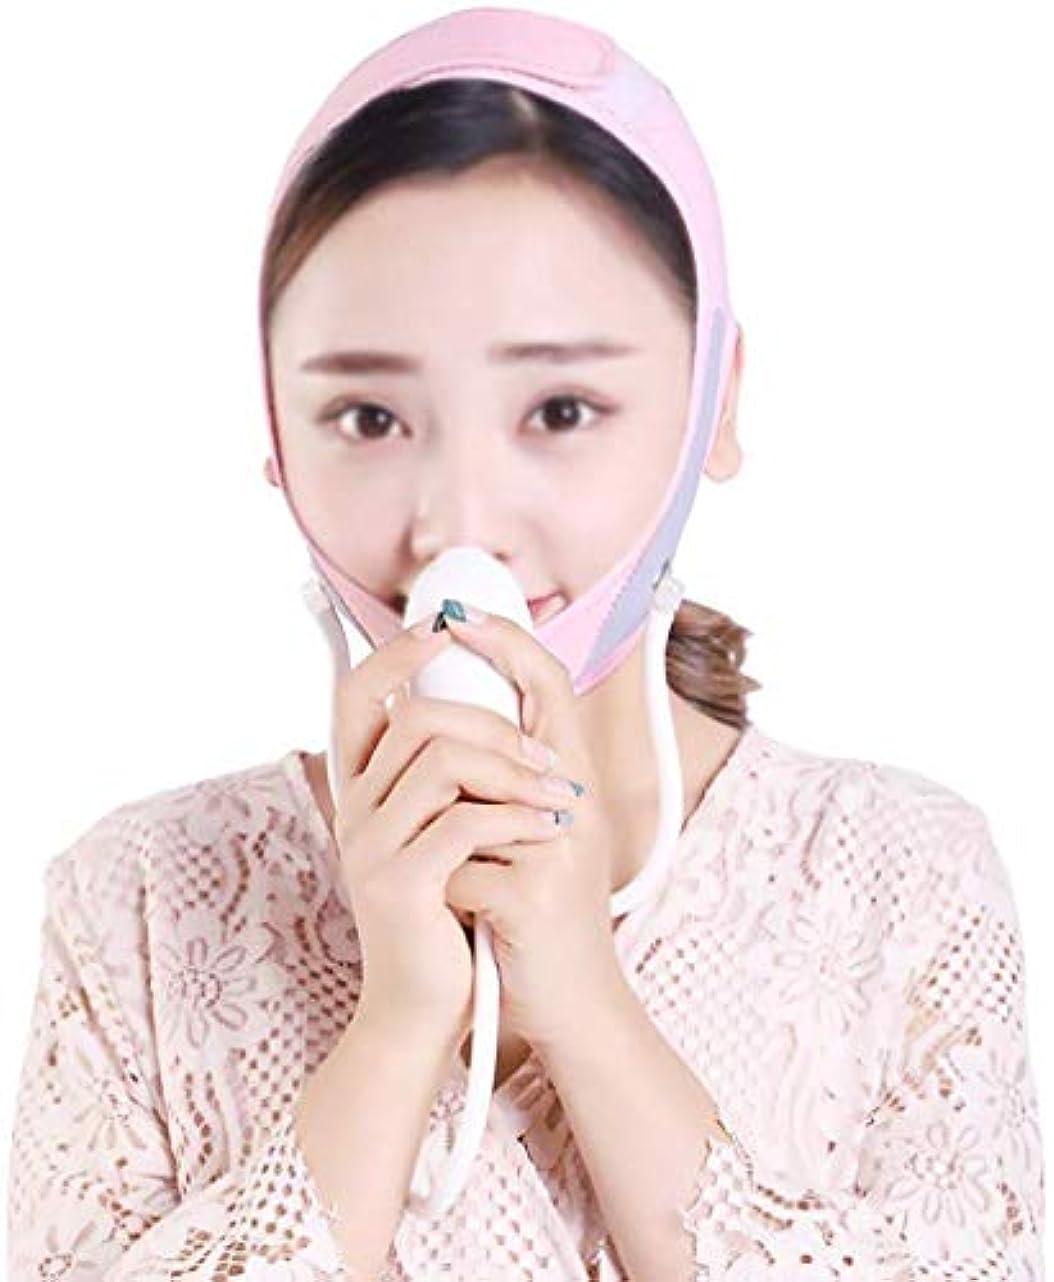 成り立つ違法振る舞う美容と実用的なフェイシャルマスク、インフレータブル調整可能なフェイスリフトアーティファクト包帯をダブルチンリフト会社サイズV顔男性と女性のSlim身ベルト